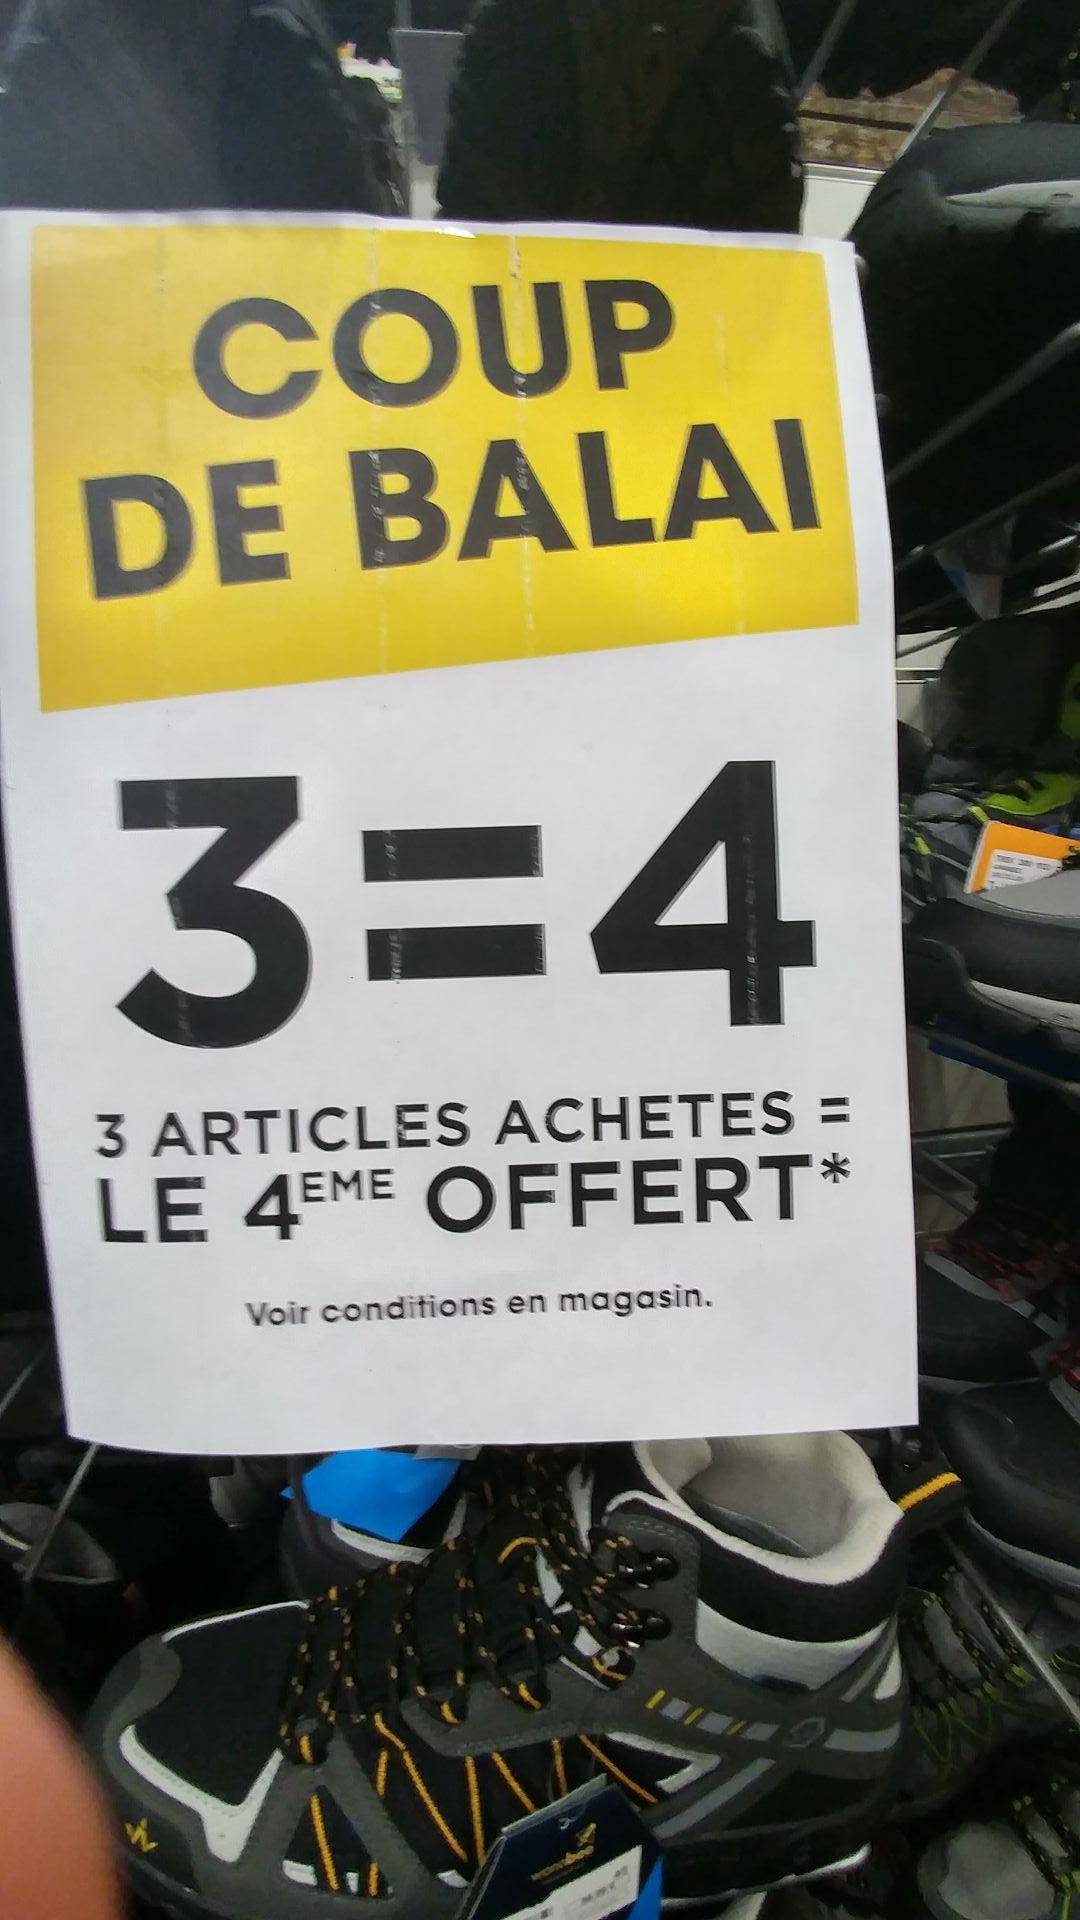 Jusqu'à -70% sur une sélection d'articles + 1 article offert pour 3 achetés - Cap Malo (35)